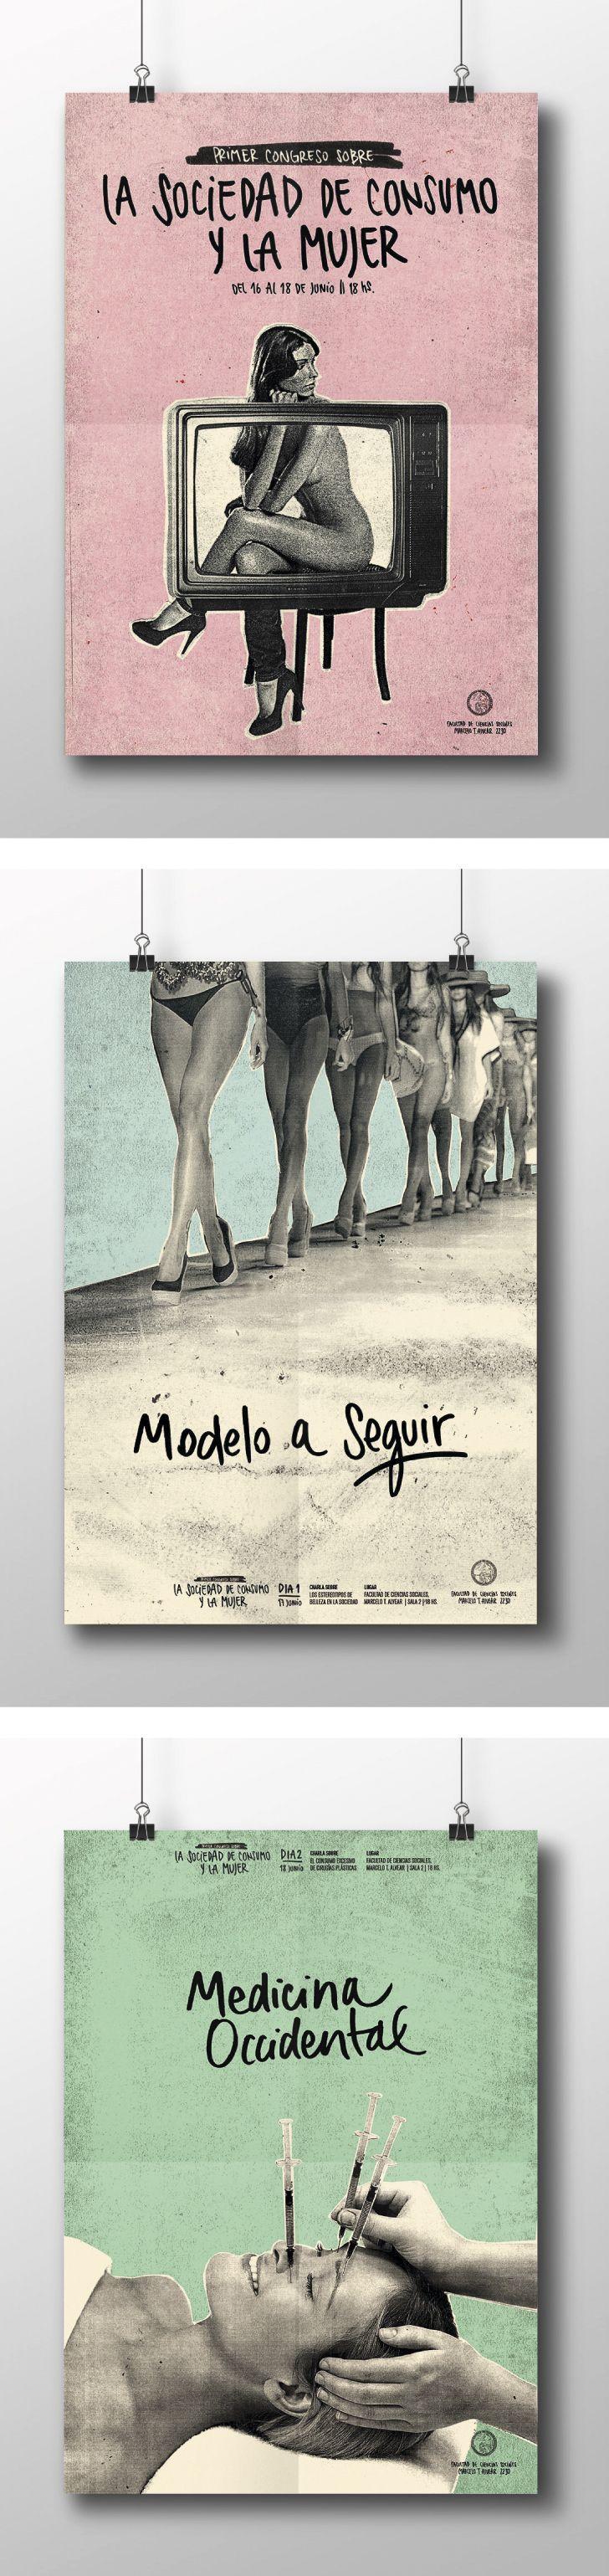 Sistema de afiches sobre la problemática de la sociedad de consumo y la mujer. Imágenes centrales fuertes y utilización de retórica. Lenguaje acorde a la problemática planteada en los afiches